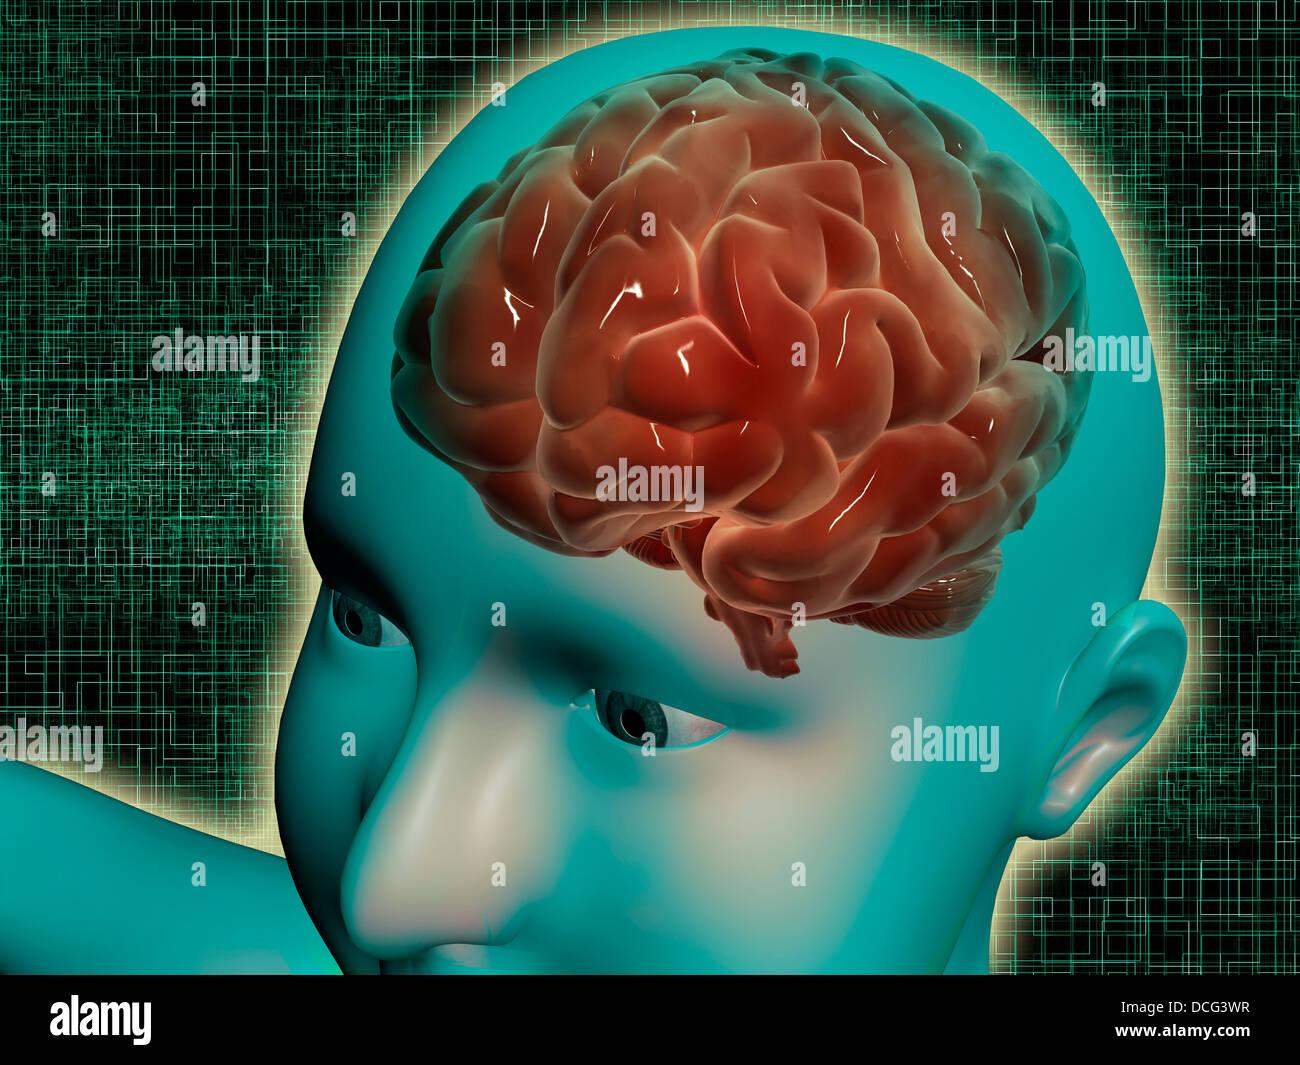 Conceptual image de corps de femme avec cerveau, vue de côté. Photo Stock